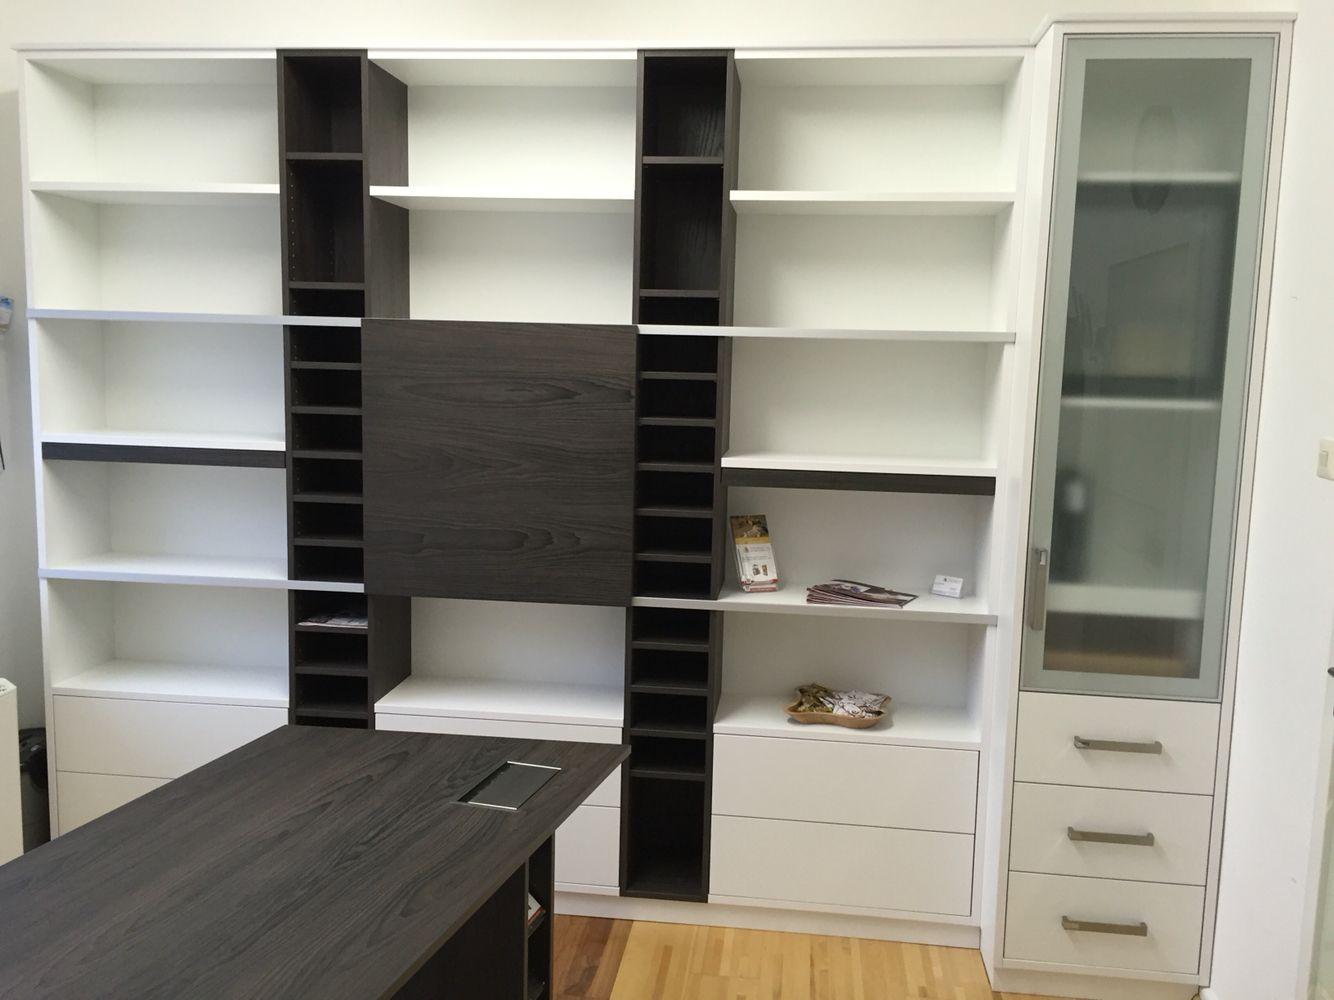 Büromöbel Schrankwand für Akten und Ordner | Büromöbel | Pinterest